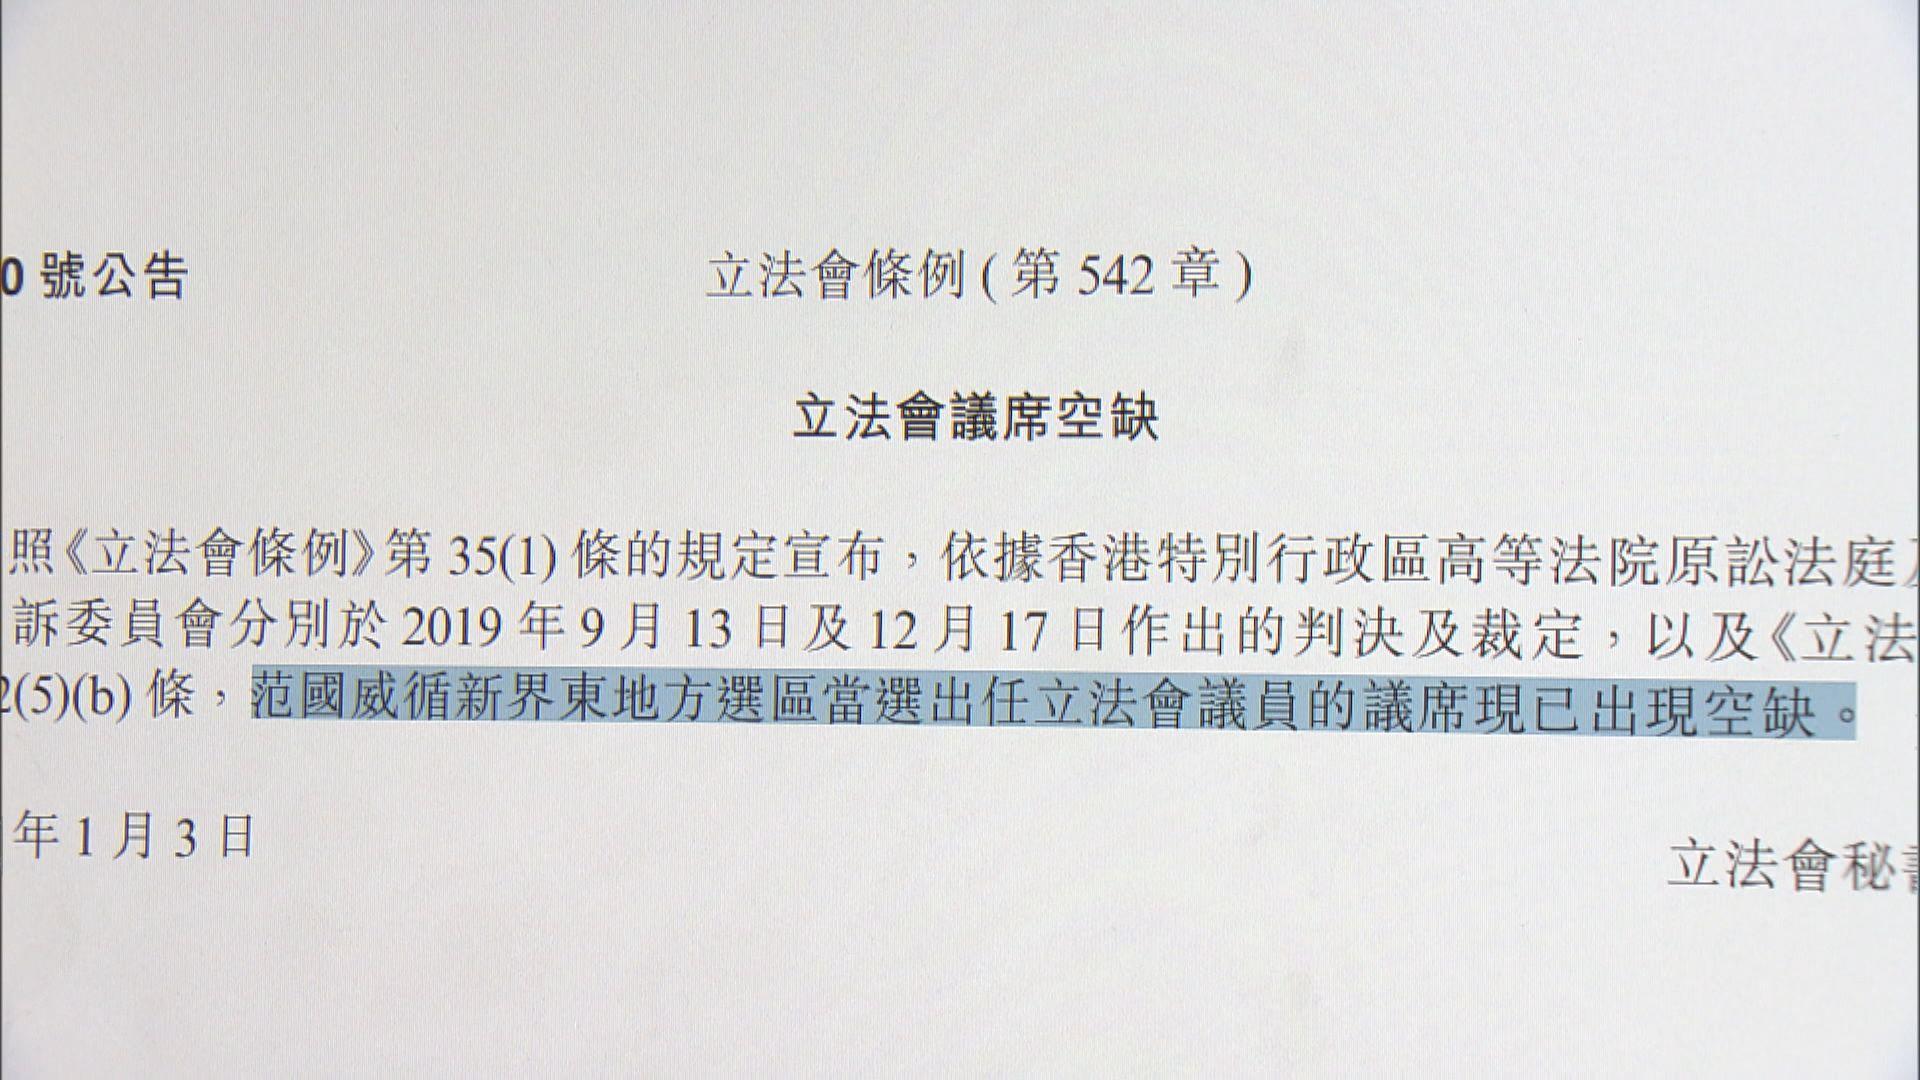 選管會:正審視各項安排以決定是否舉行補選